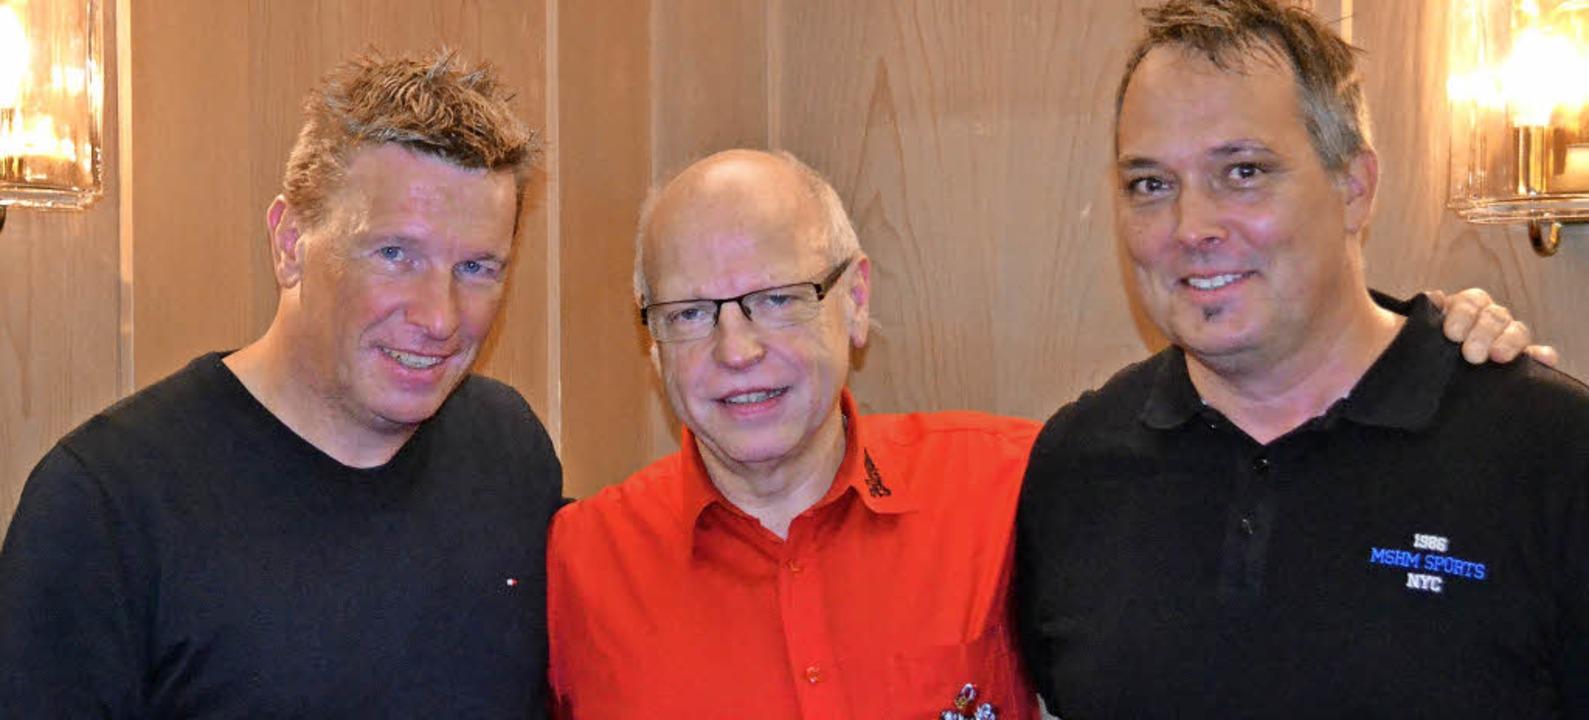 FGZ-Präsident Peter Mauthe (Mitte) mit...kus Ehmke (links) und Daniel Beckert.     Foto: Berger